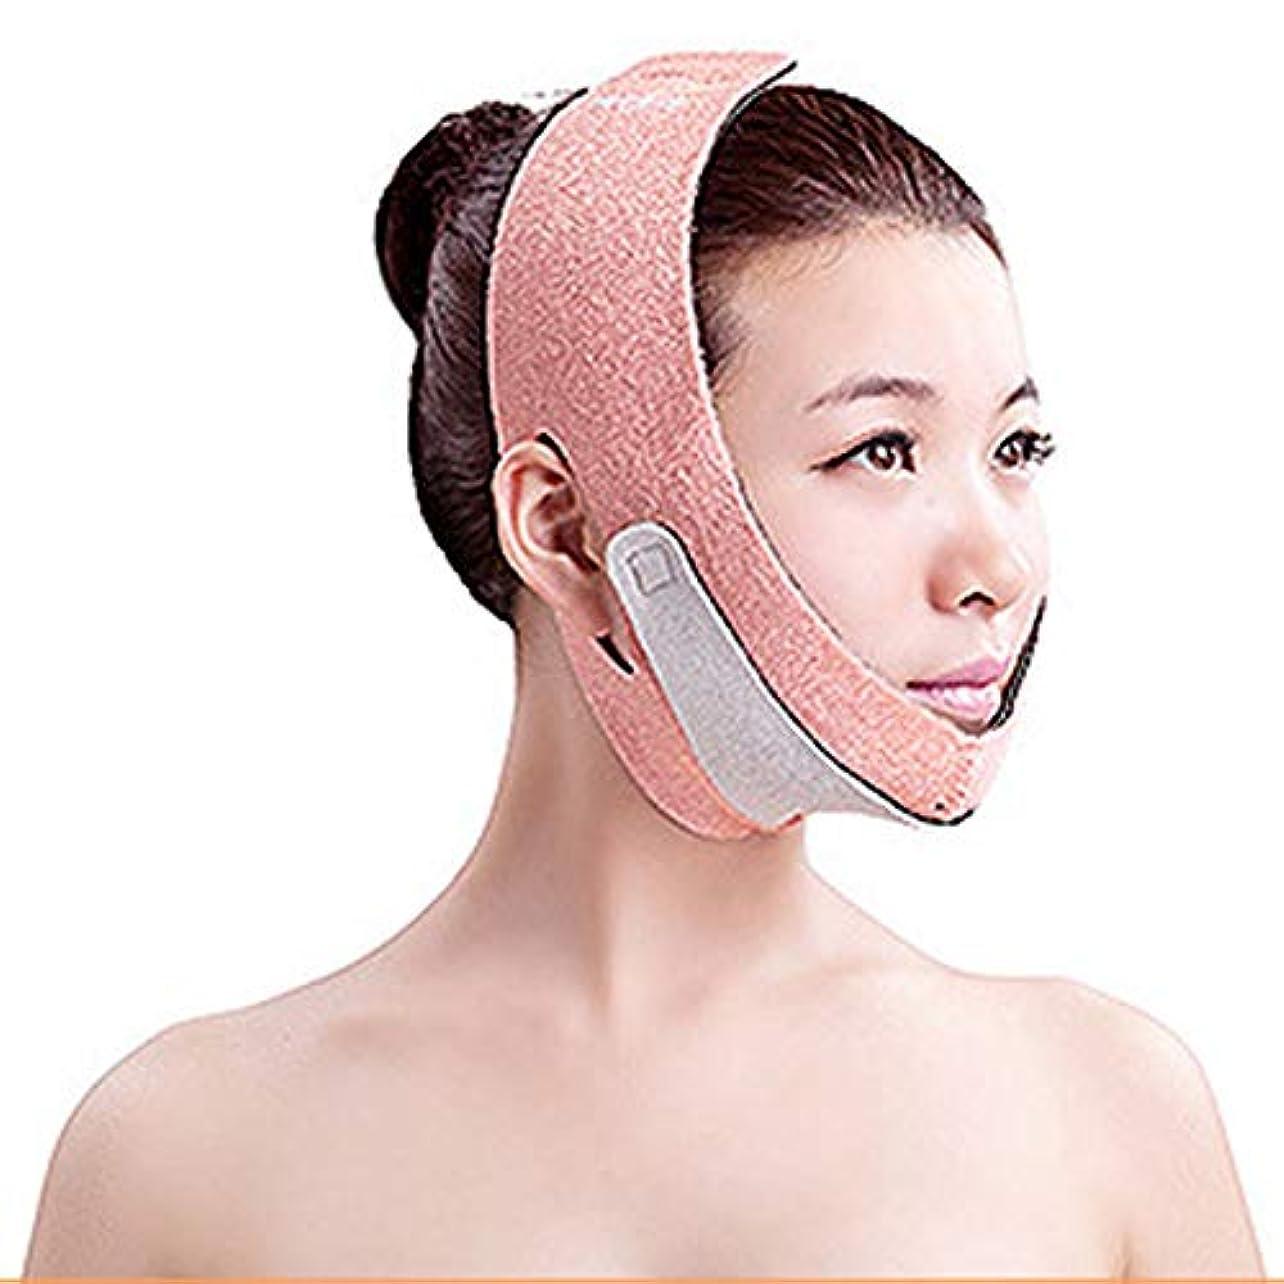 確実感嘆符後悔V顔の強力な持ち上げツール、修正3D改装リフティング包帯二重あごの女性の抗しわの美しさフェイスリフティングアーティファクト睡眠包帯薄い顔二重あご無料呼吸,Orange